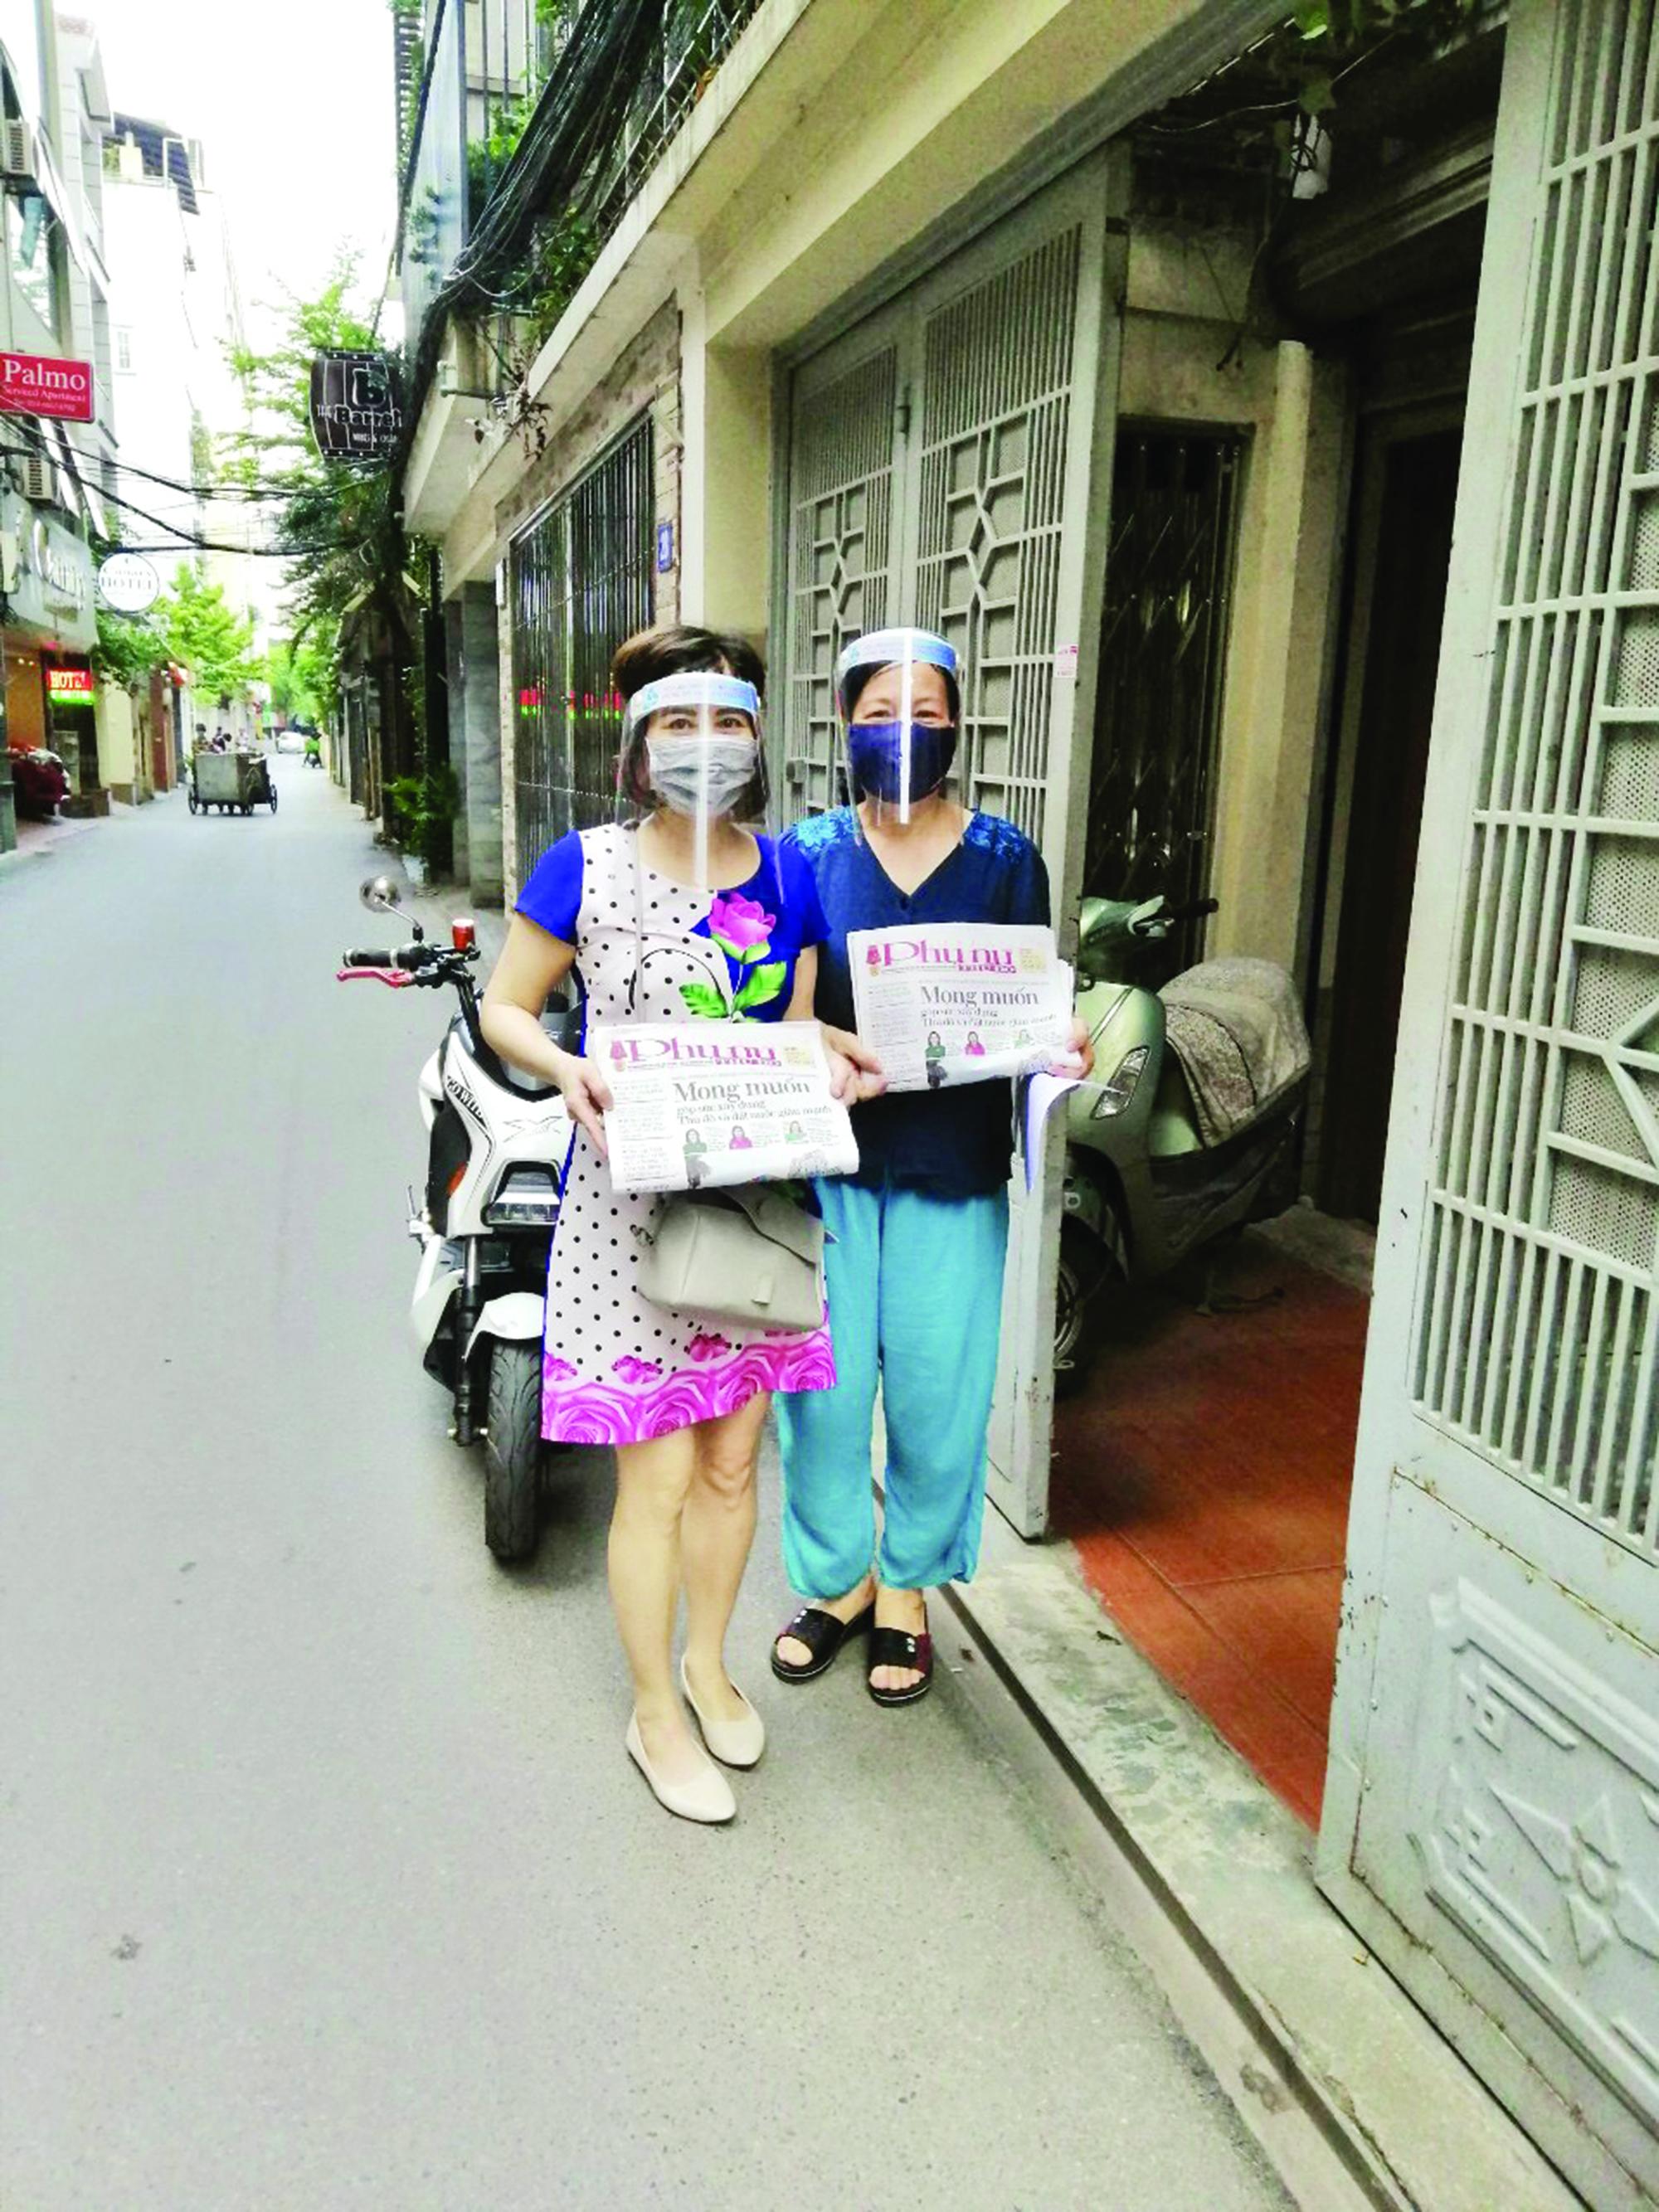 Cán bộ hội PN phường Liễu Giai đeo khẩu trang, đội mũ chắn giọt bắn chuyển báo Hội tới gia đình hội viên.